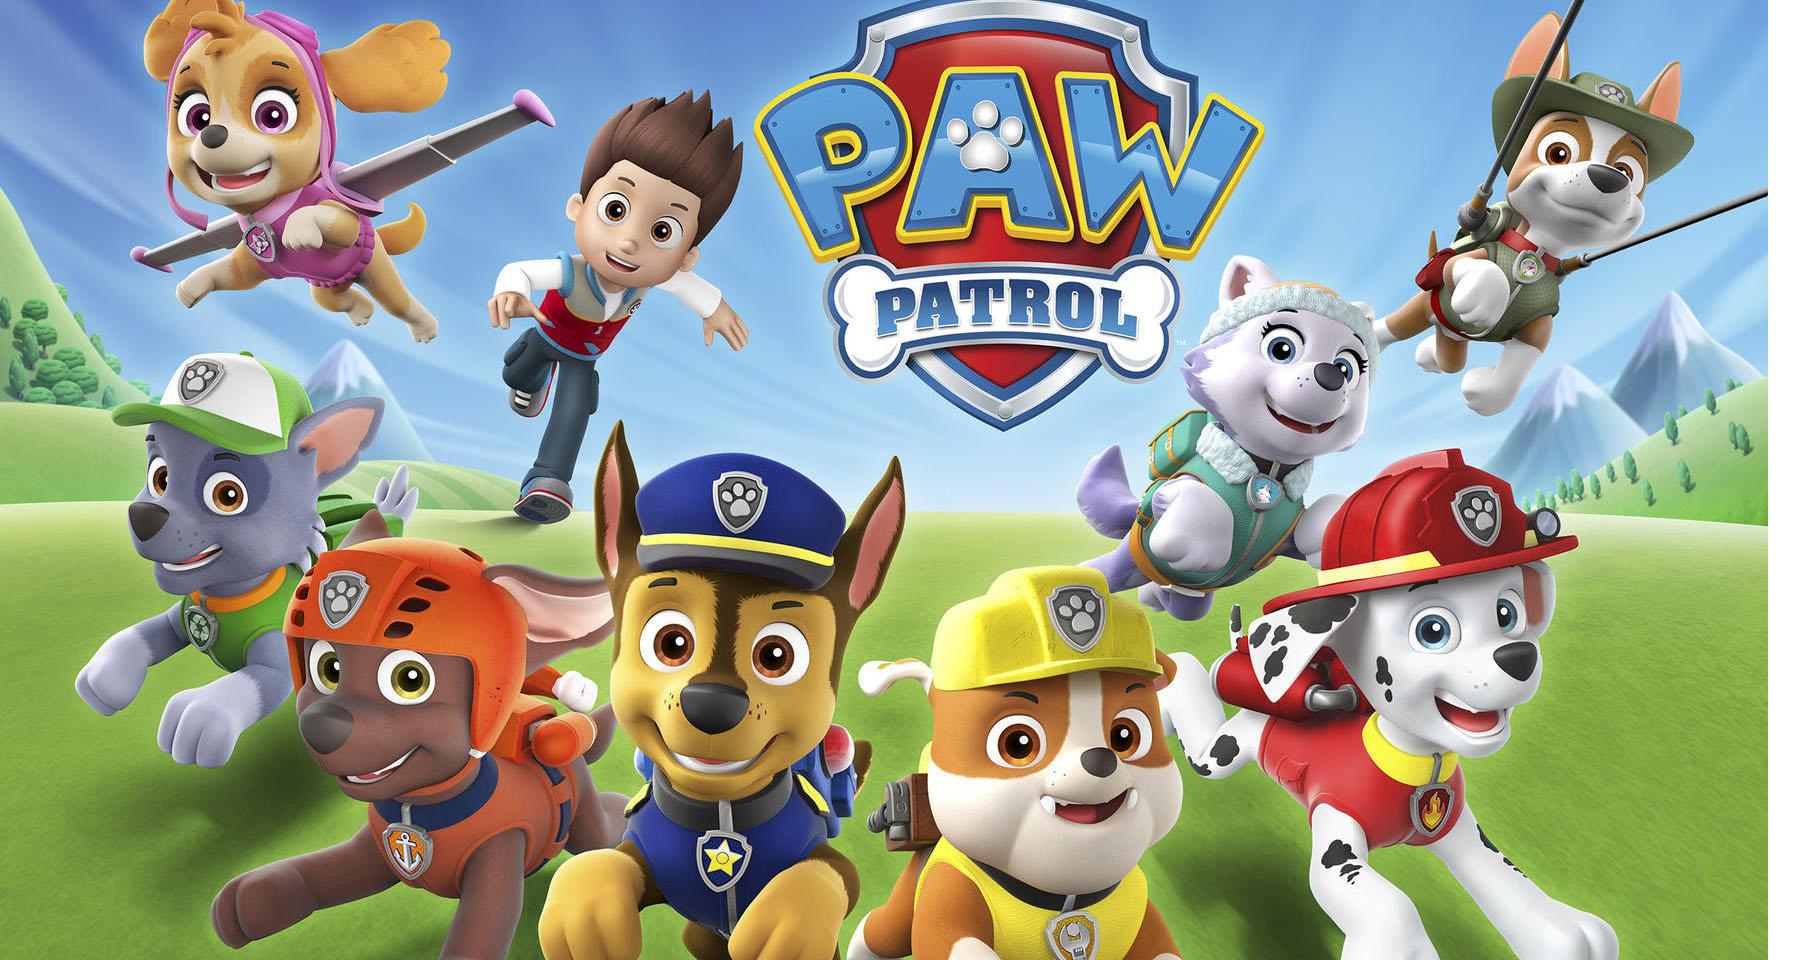 Patrolne šape (Paw Patrol)